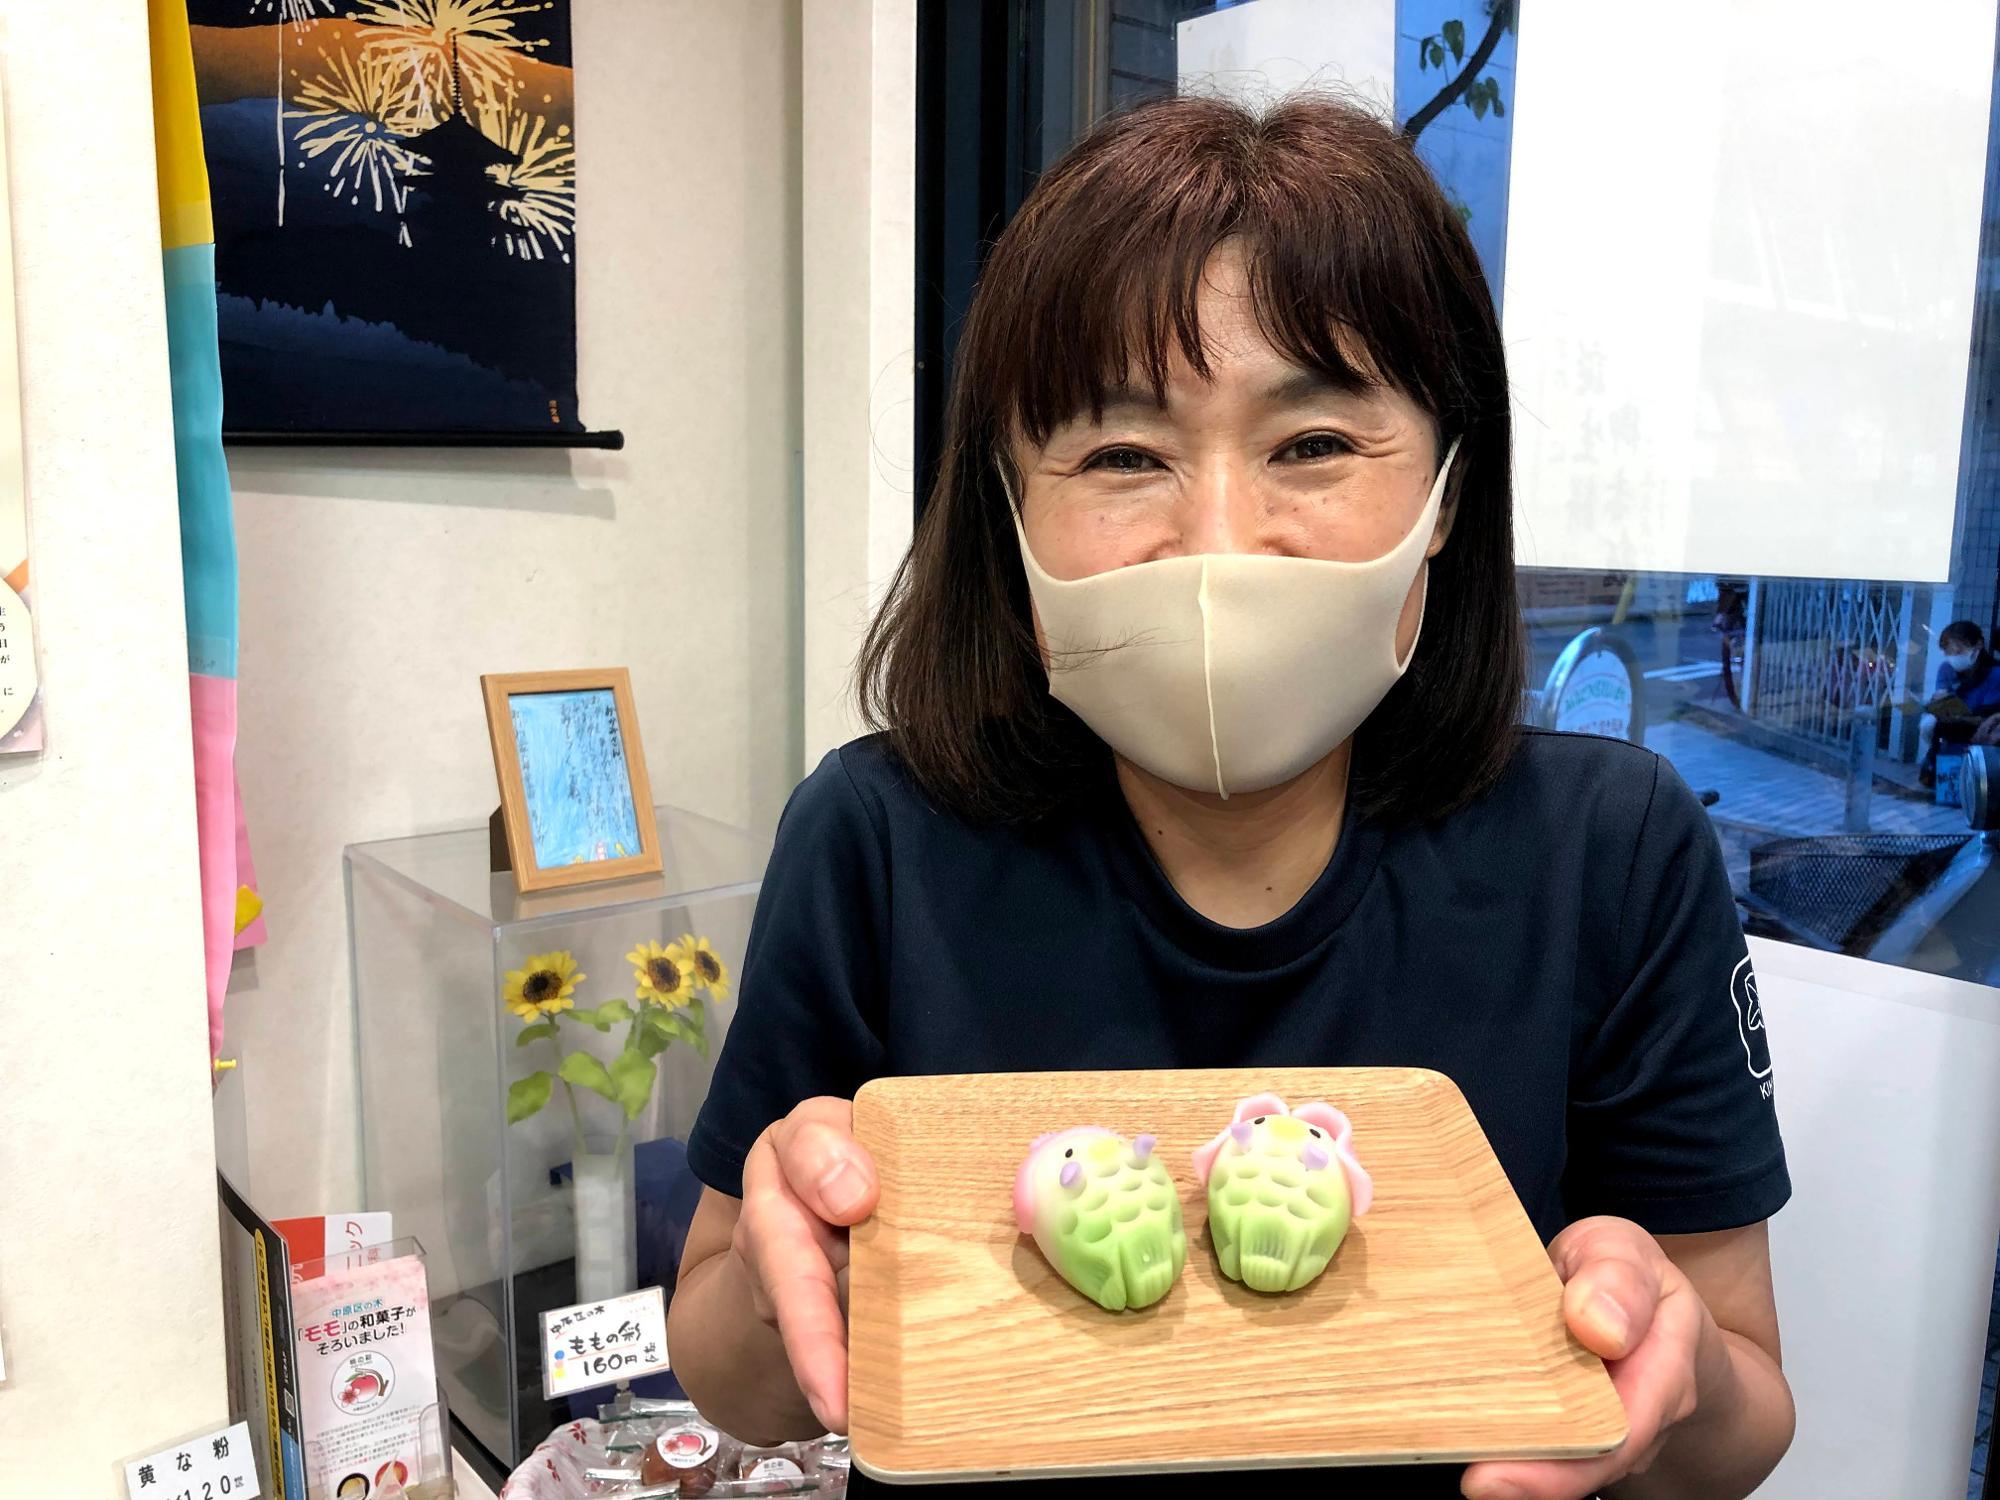 アマビエの練り切りを見せる女将の須田美鈴さん。女将の笑顔のファンは多い